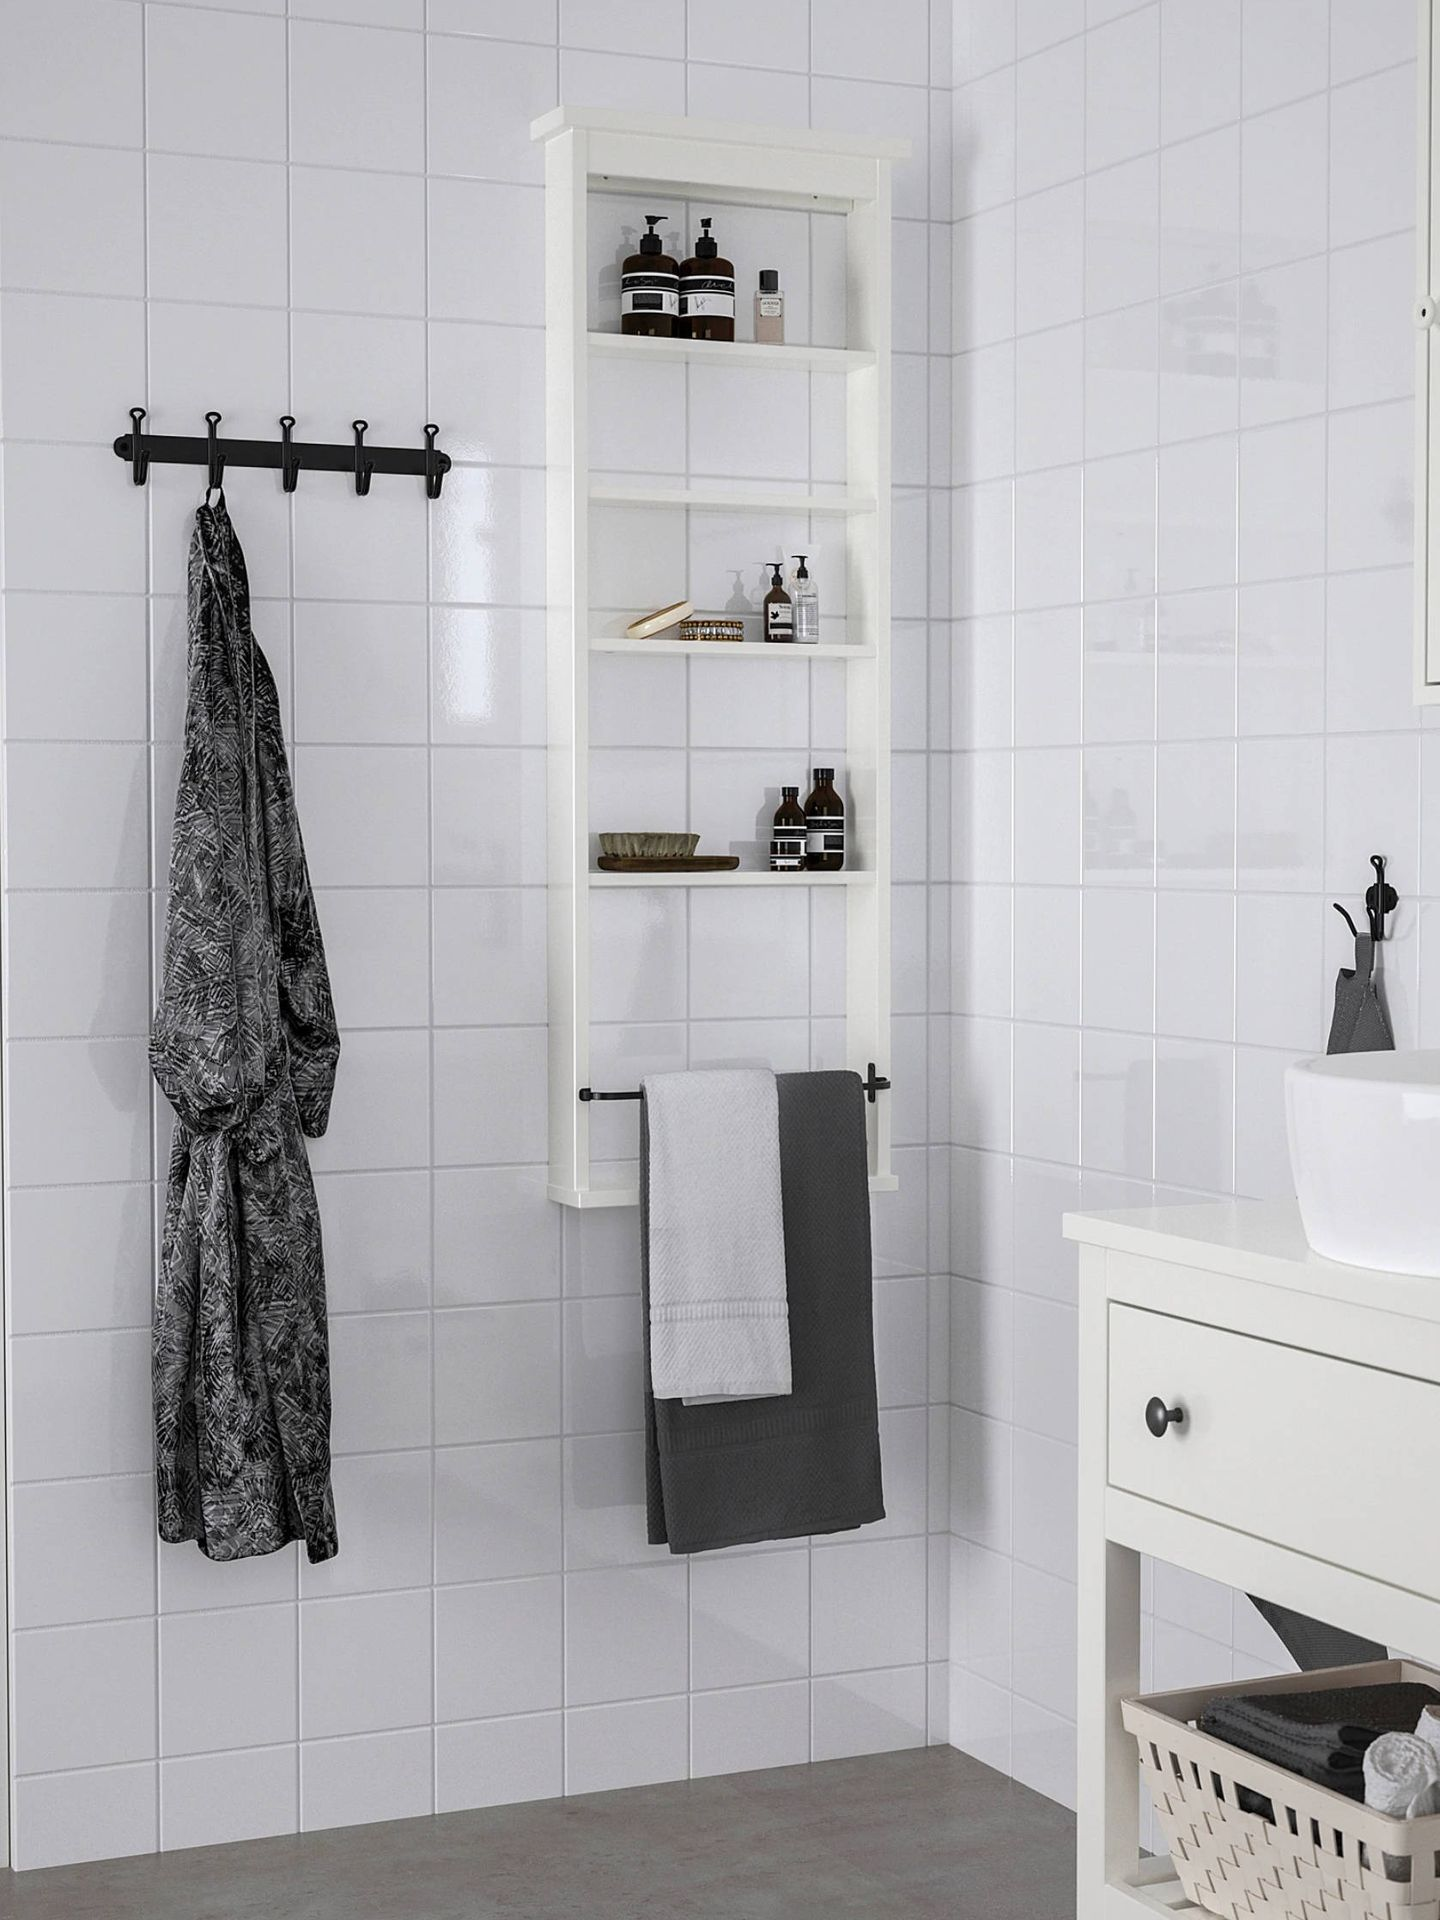 Muebles de Ikea para ganar espacio en un baño pequeño. (Cortesía)